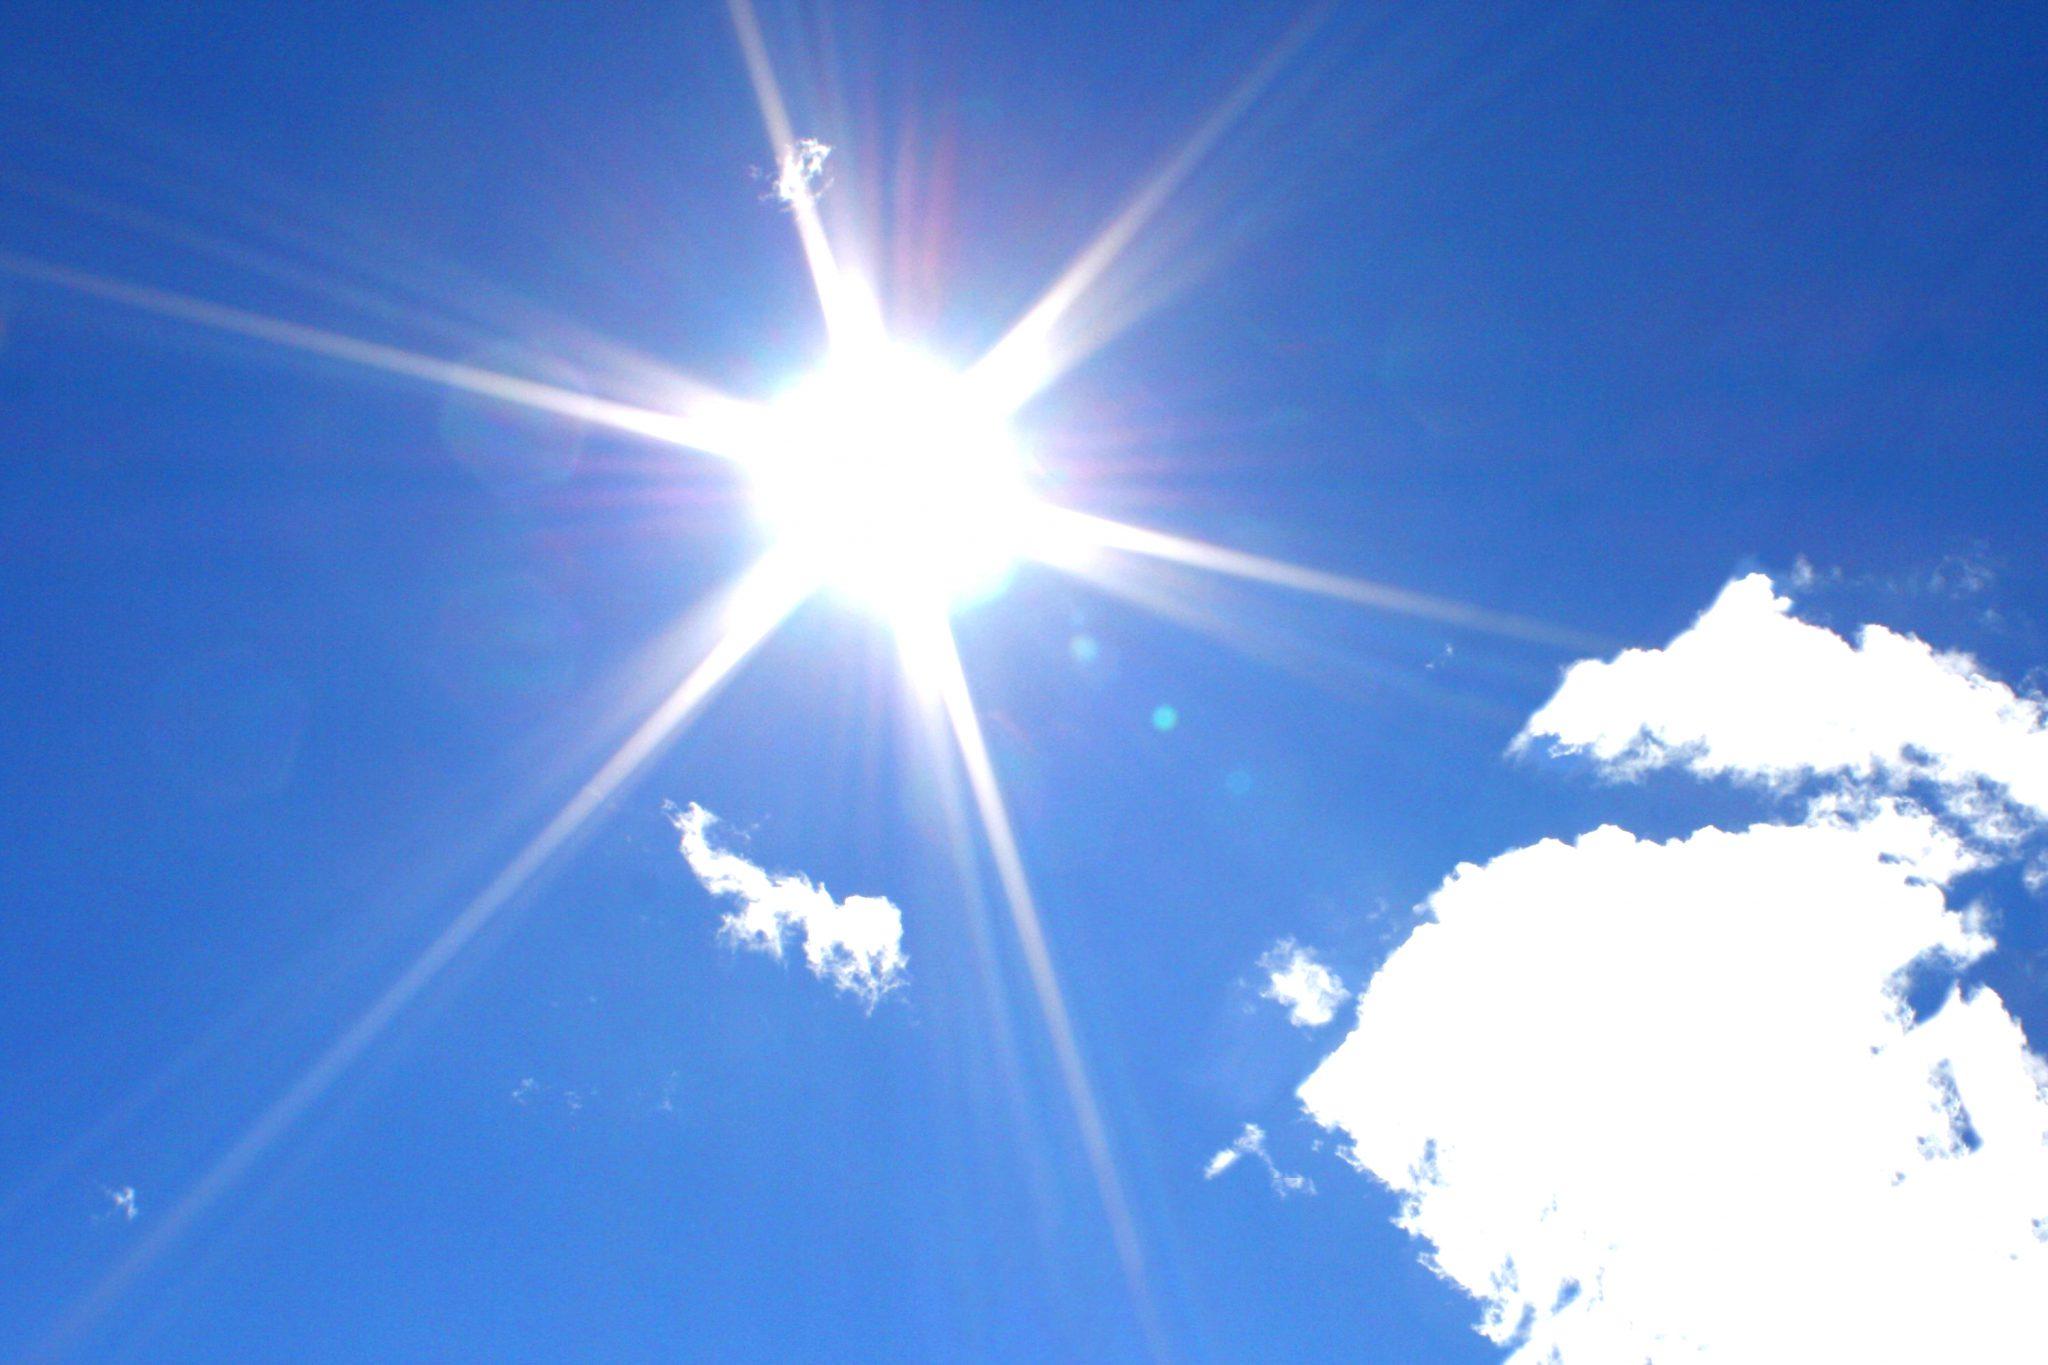 درمان آسم با نور خورشید